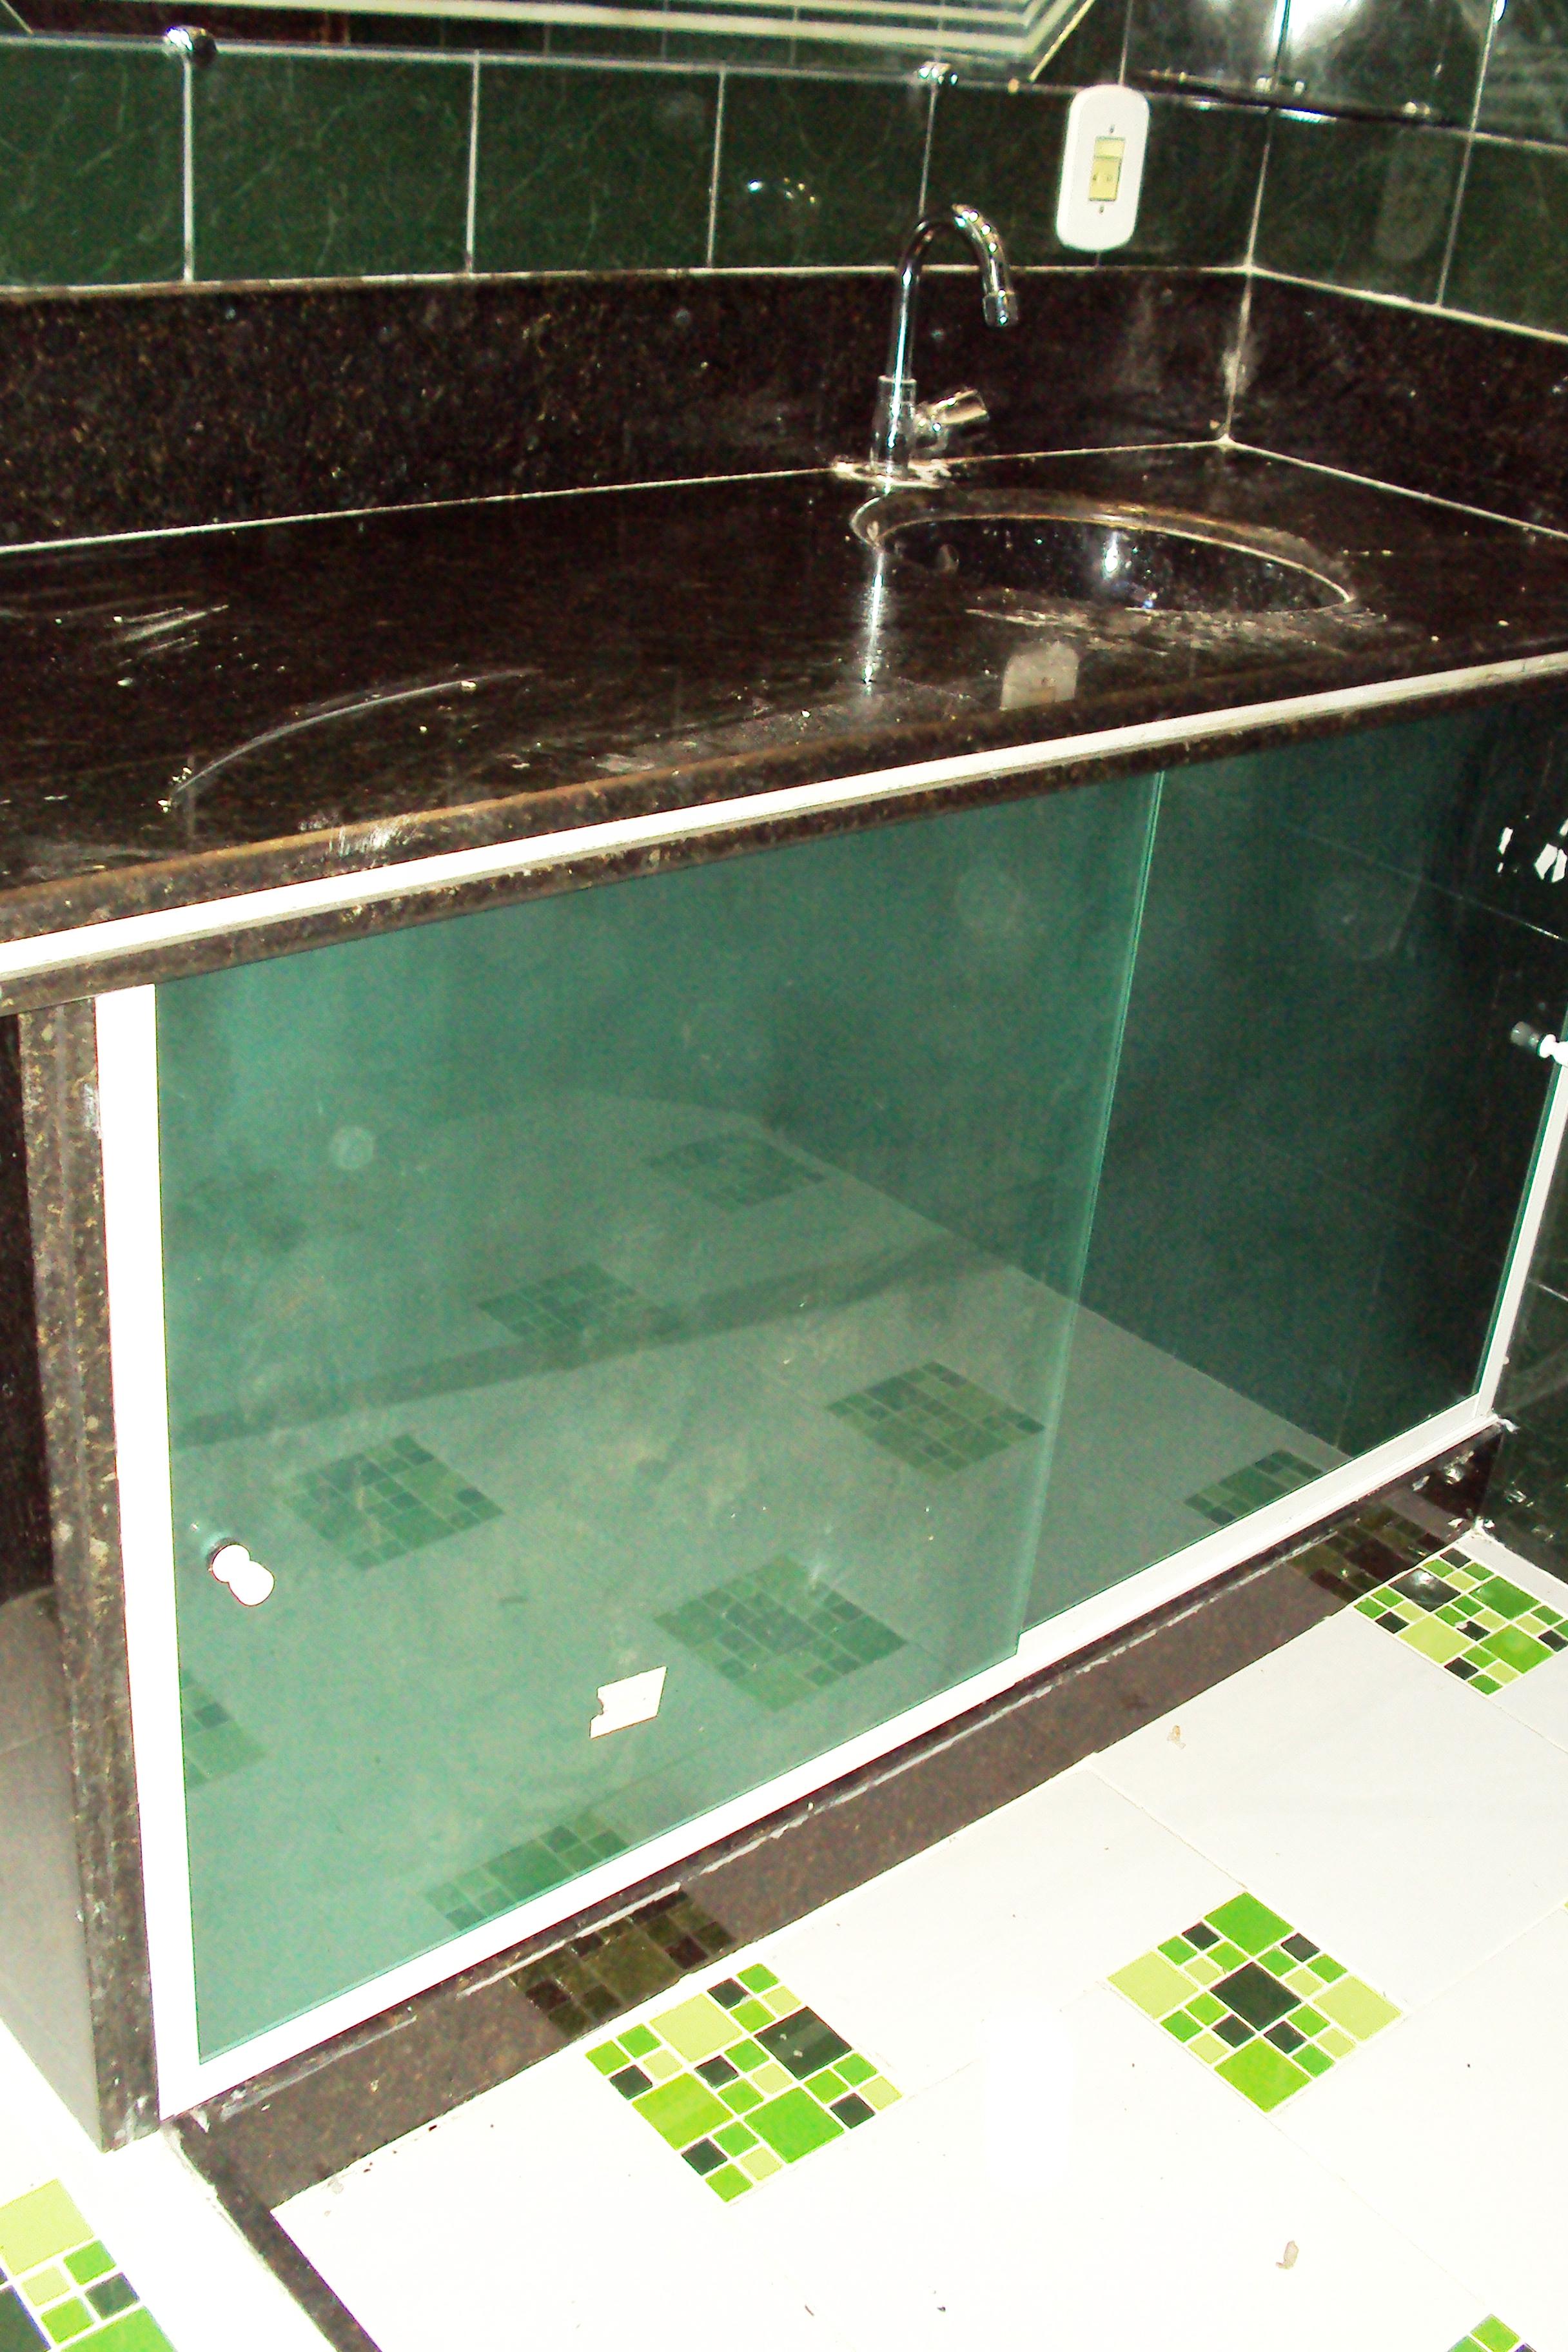 armario de pia em blindex armario em blindex armario de pia em blindex #6FAA21 2432x3648 Armario Para Banheiro De Blindex